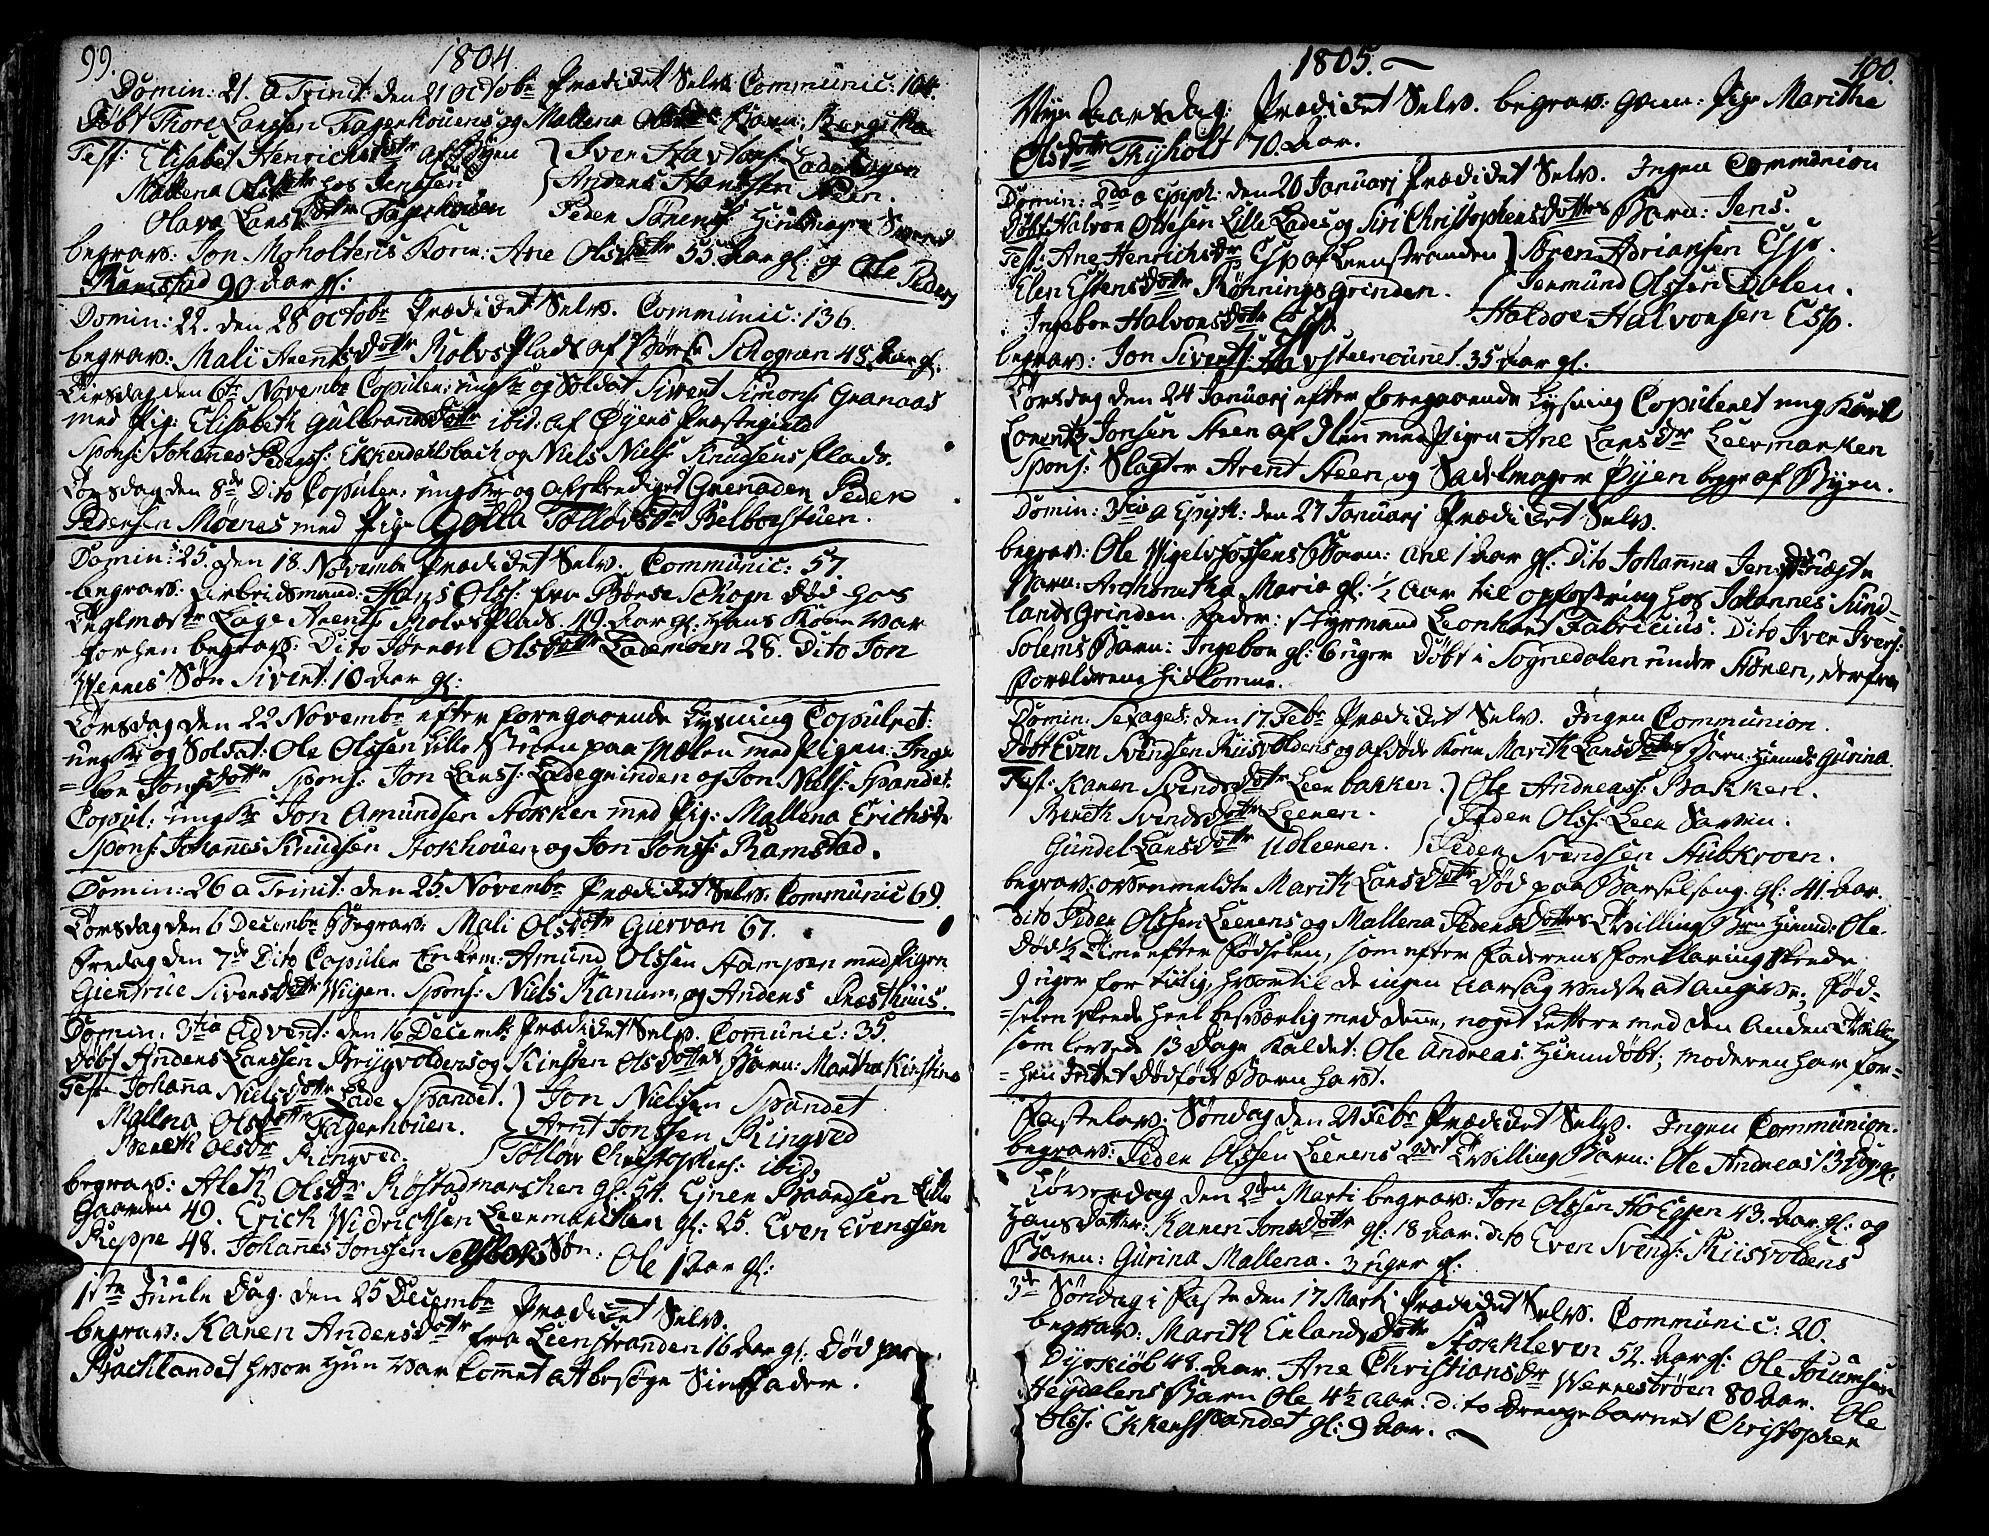 SAT, Ministerialprotokoller, klokkerbøker og fødselsregistre - Sør-Trøndelag, 606/L0280: Ministerialbok nr. 606A02 /1, 1781-1817, s. 99-100